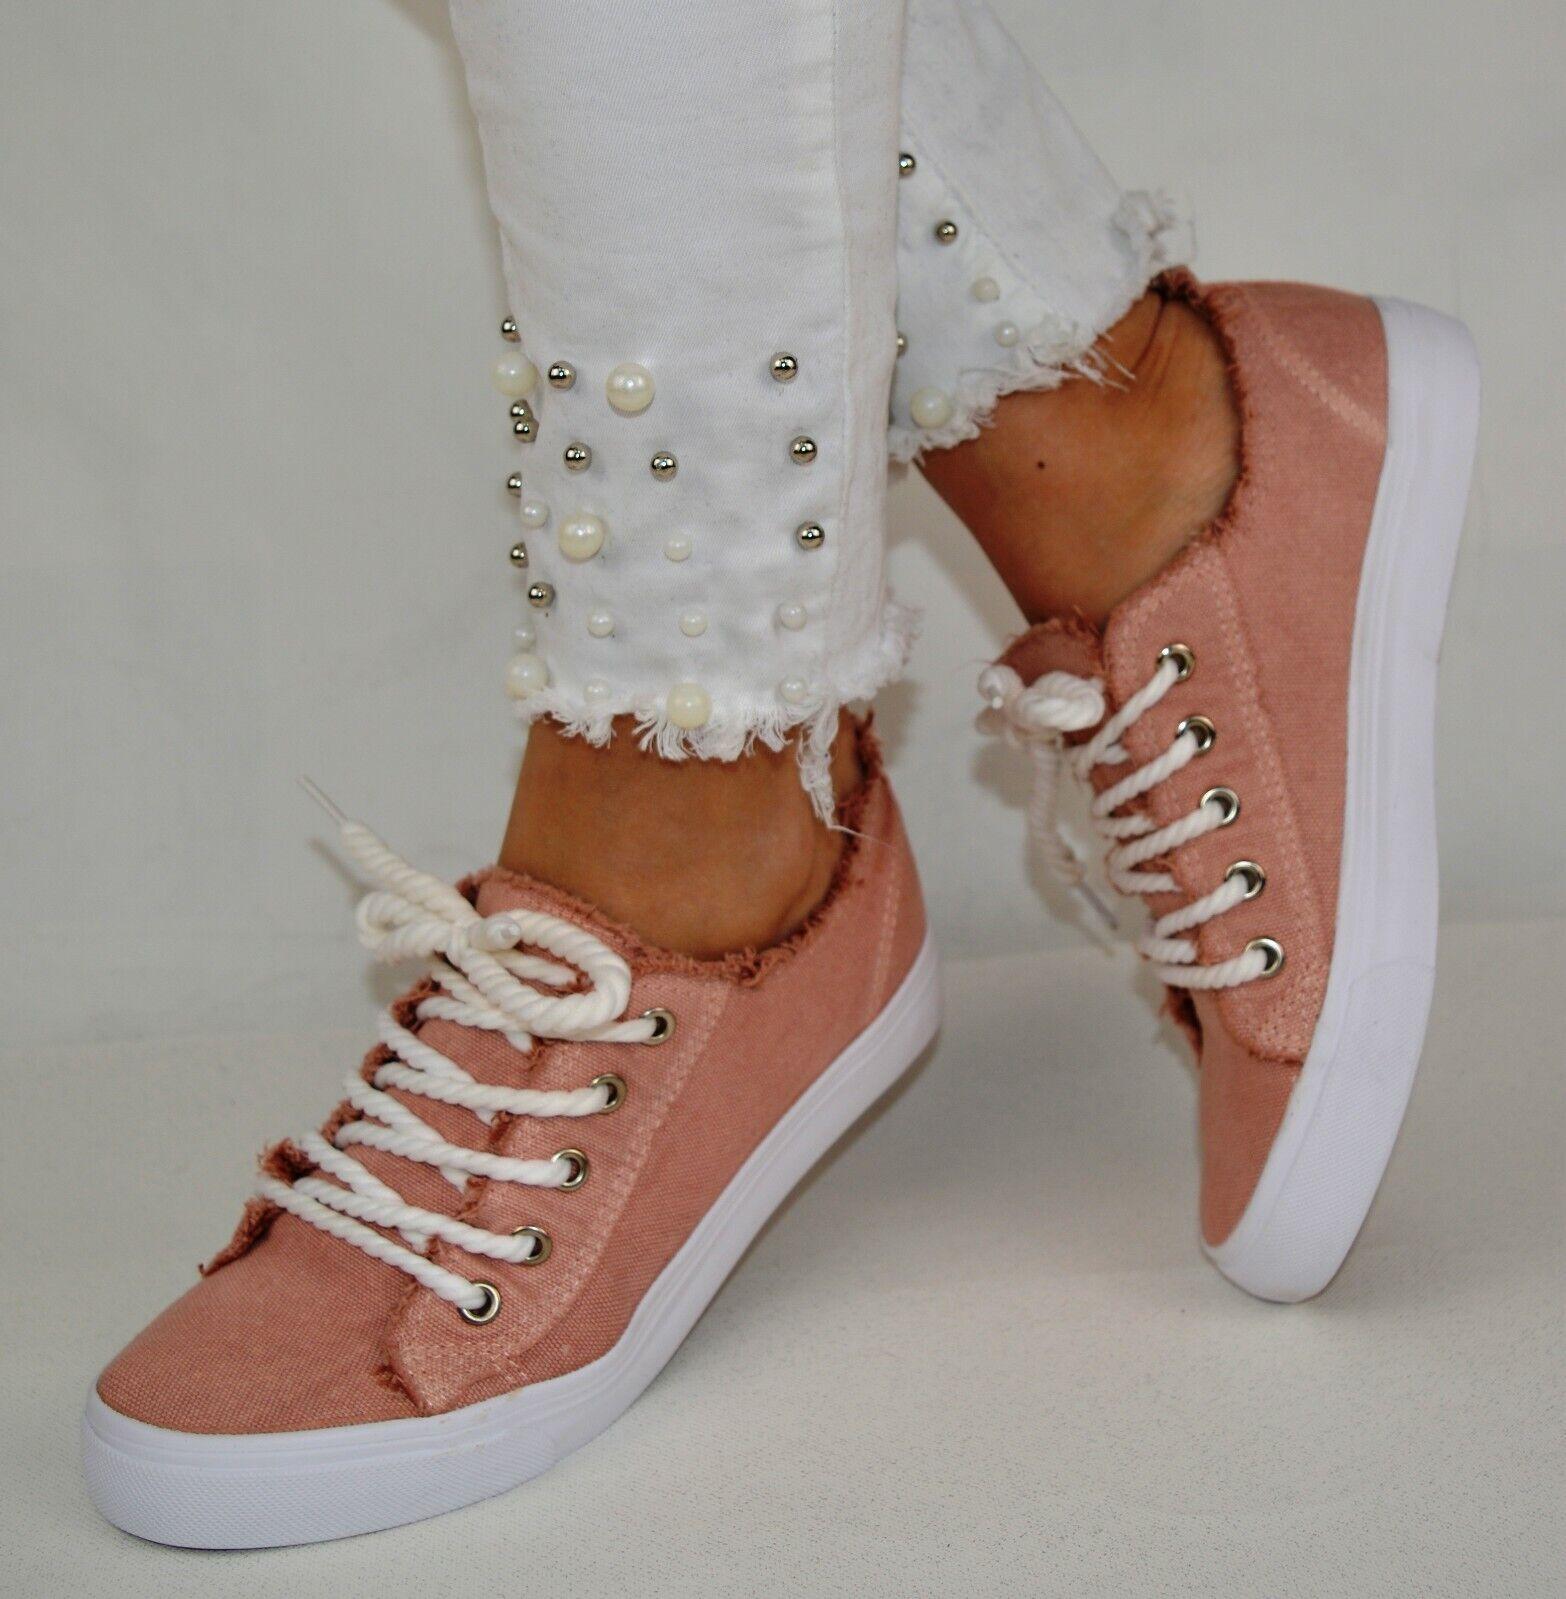 40a5da6a898d9d Schuhe Rose Test Vergleich +++ Schuhe Rose kaufen   sparen!